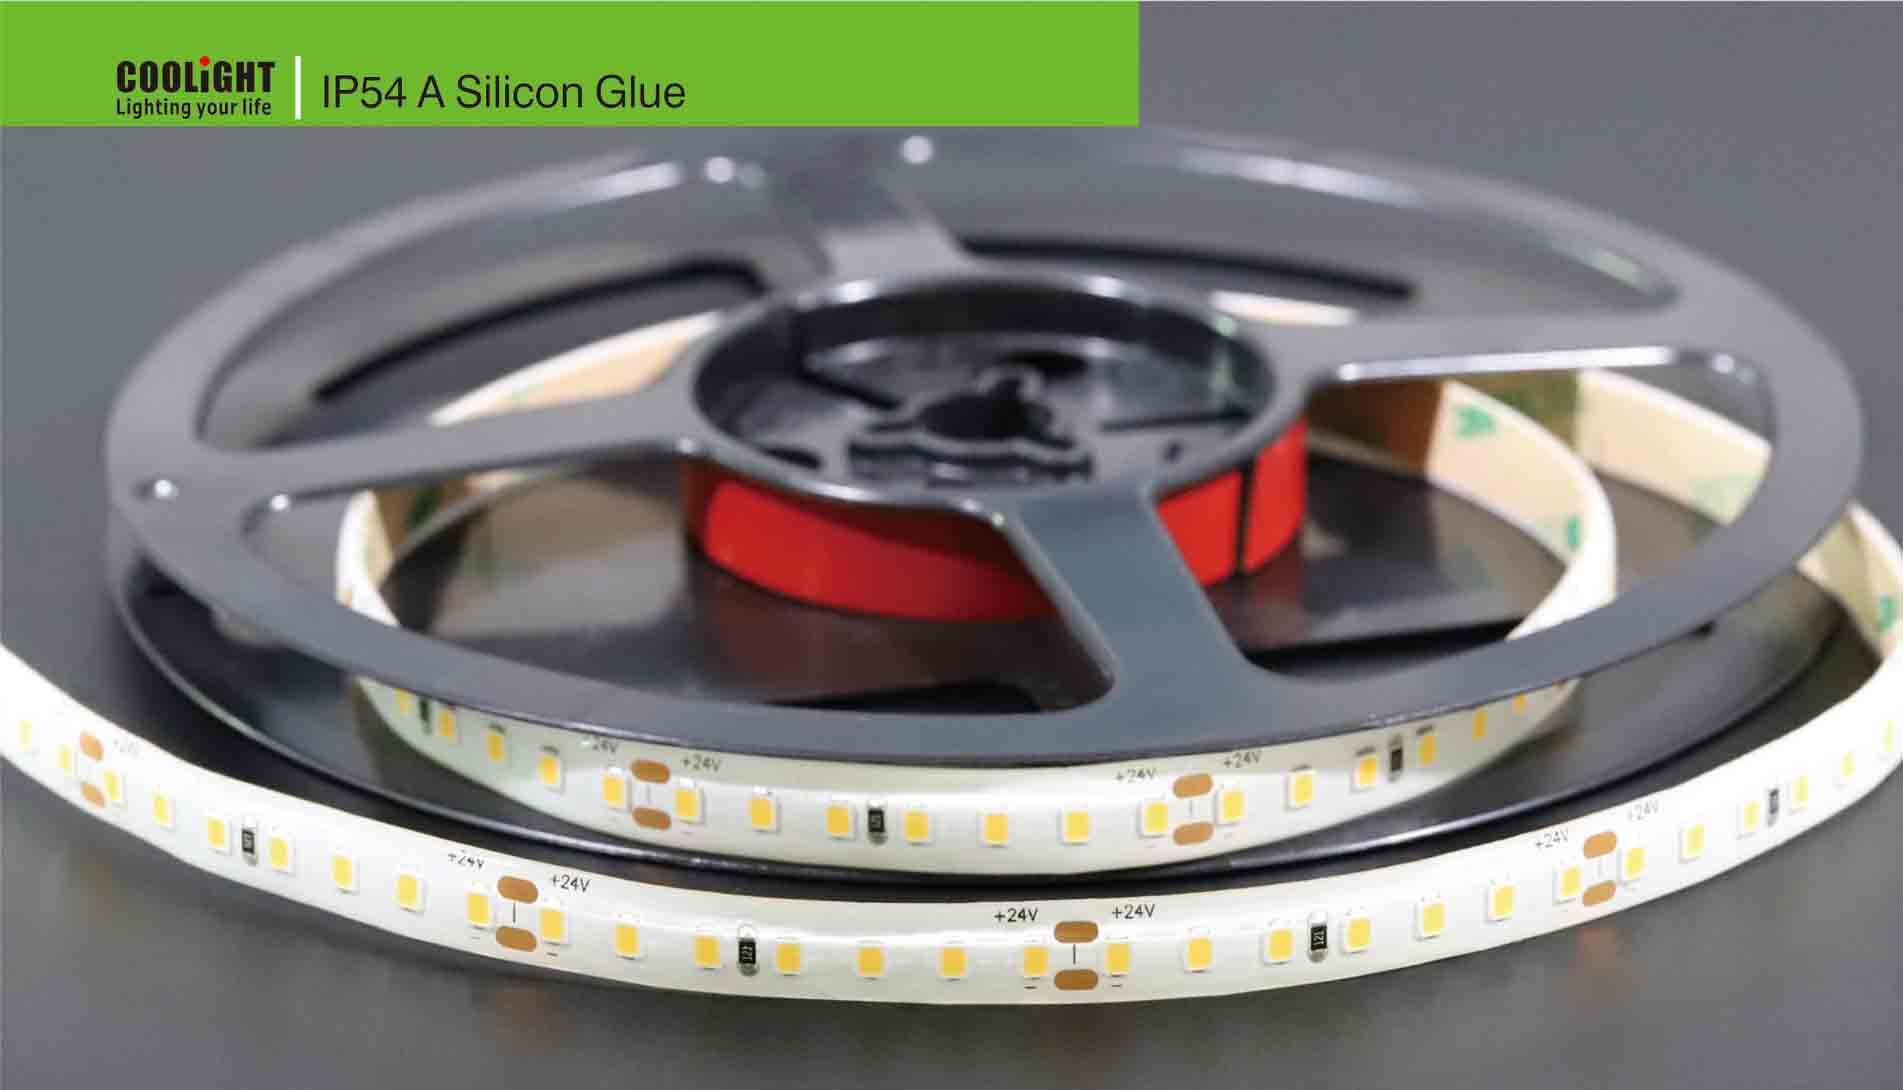 ip54 a silicon glue